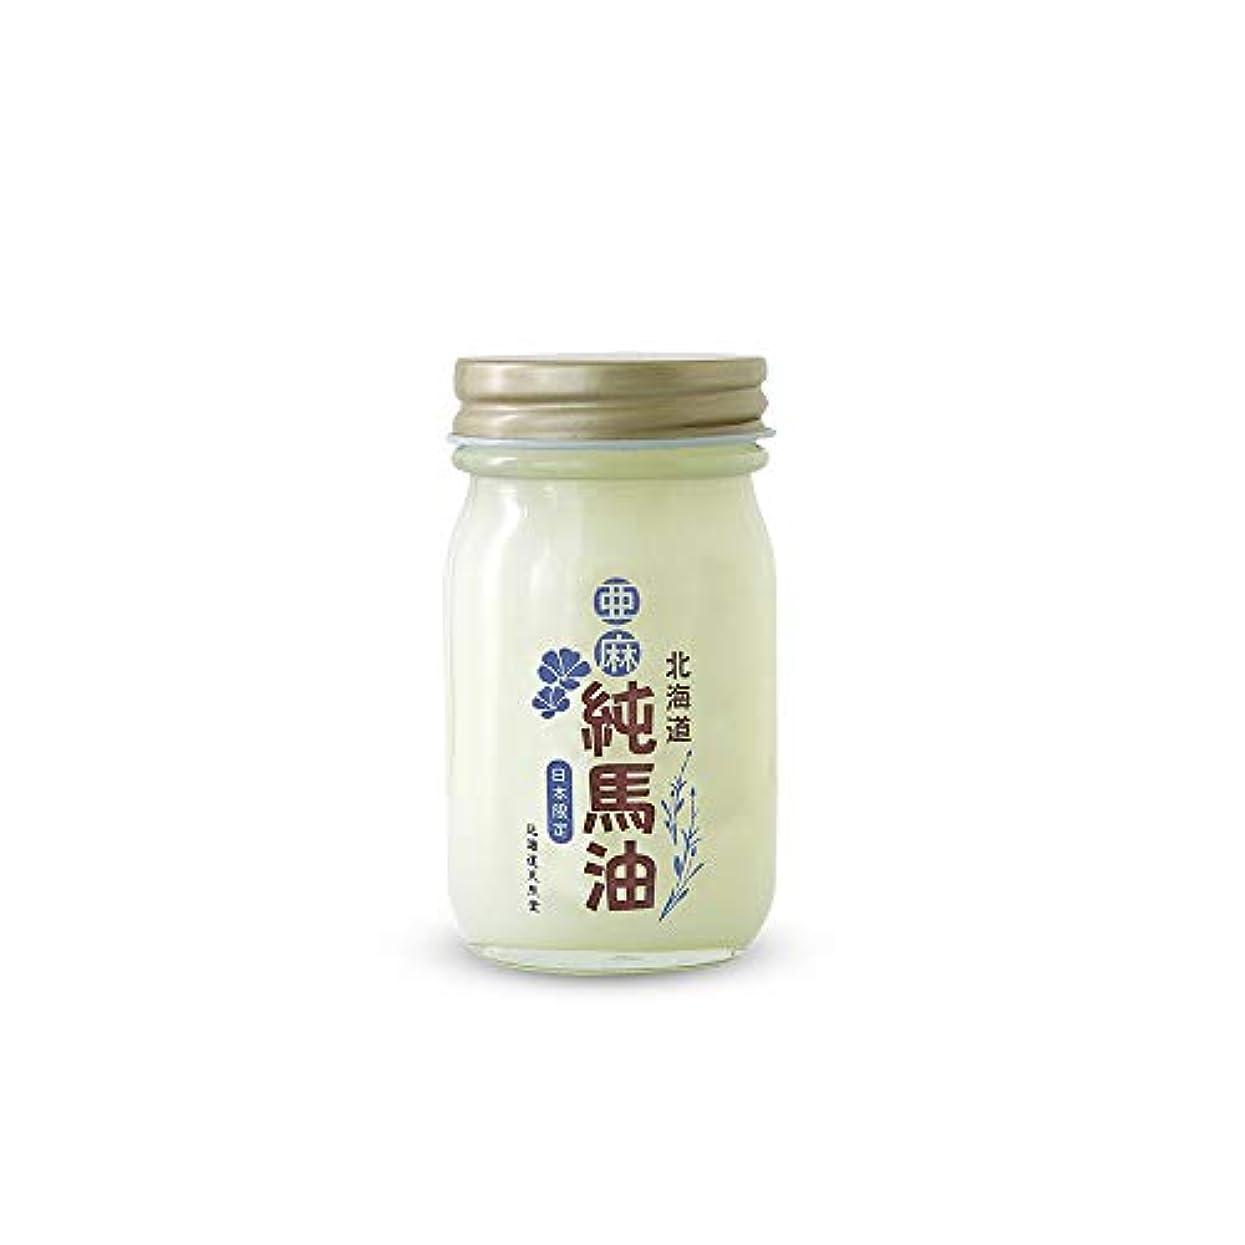 やめる冷凍庫聡明アマ純馬油 80g / 北海道天然堂